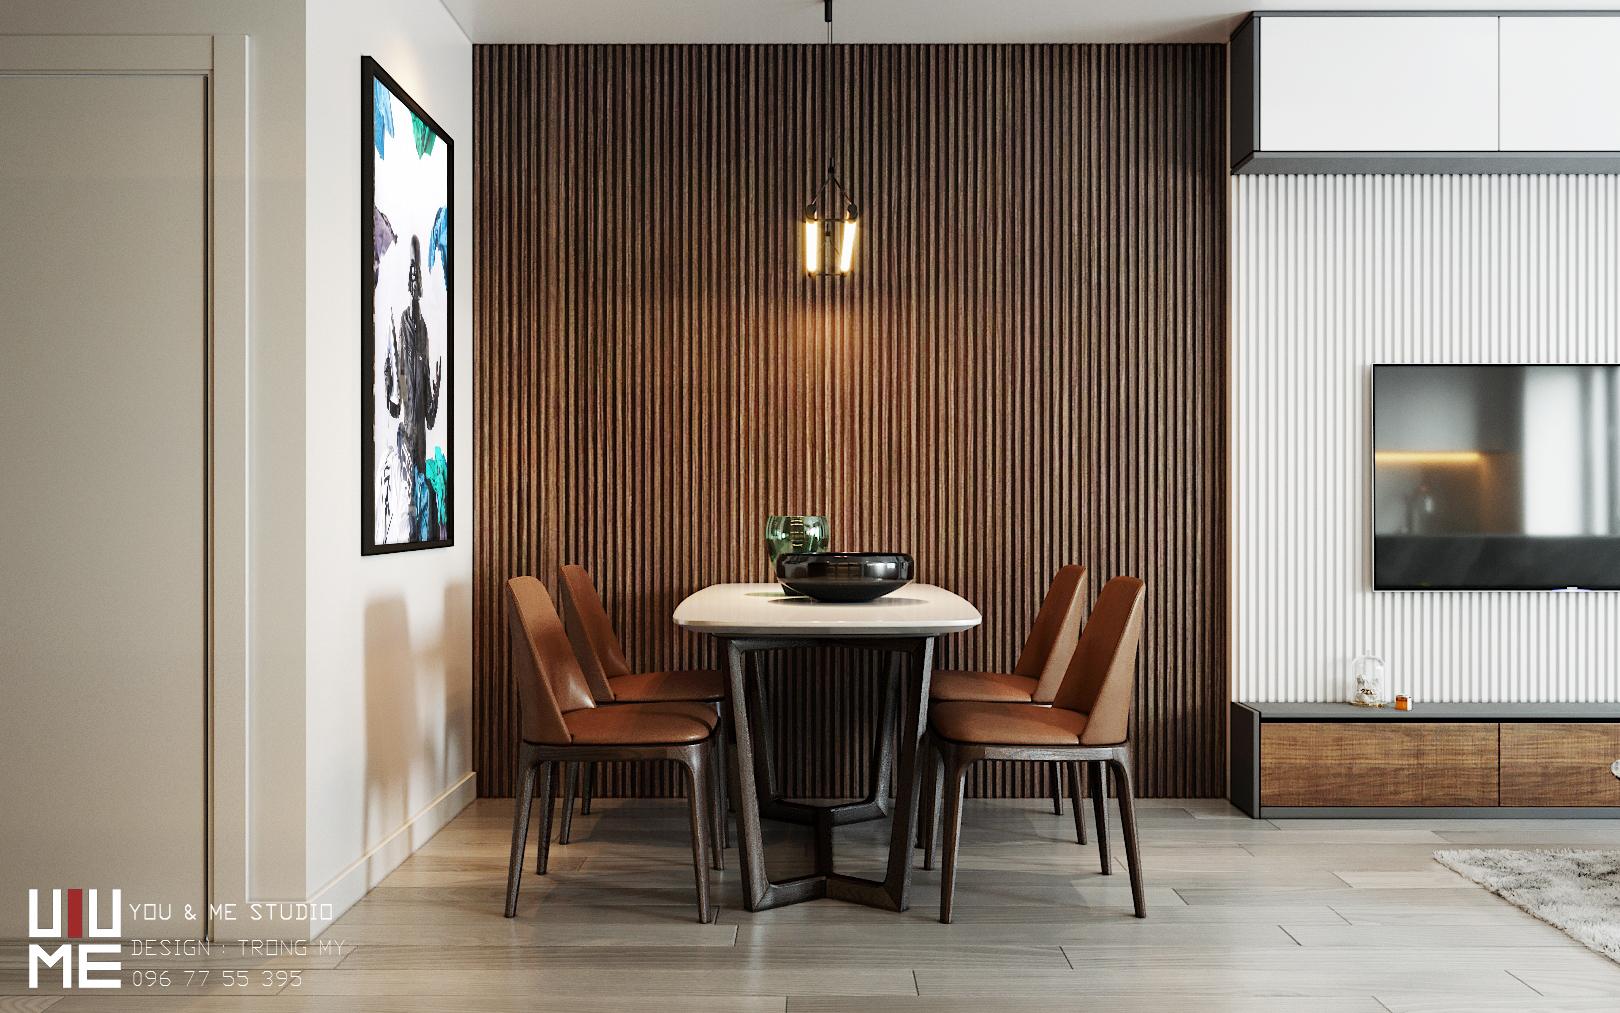 thiết kế nội thất chung cư tại Hà Nội 90 Nguyễn Tuân 5 1566362694